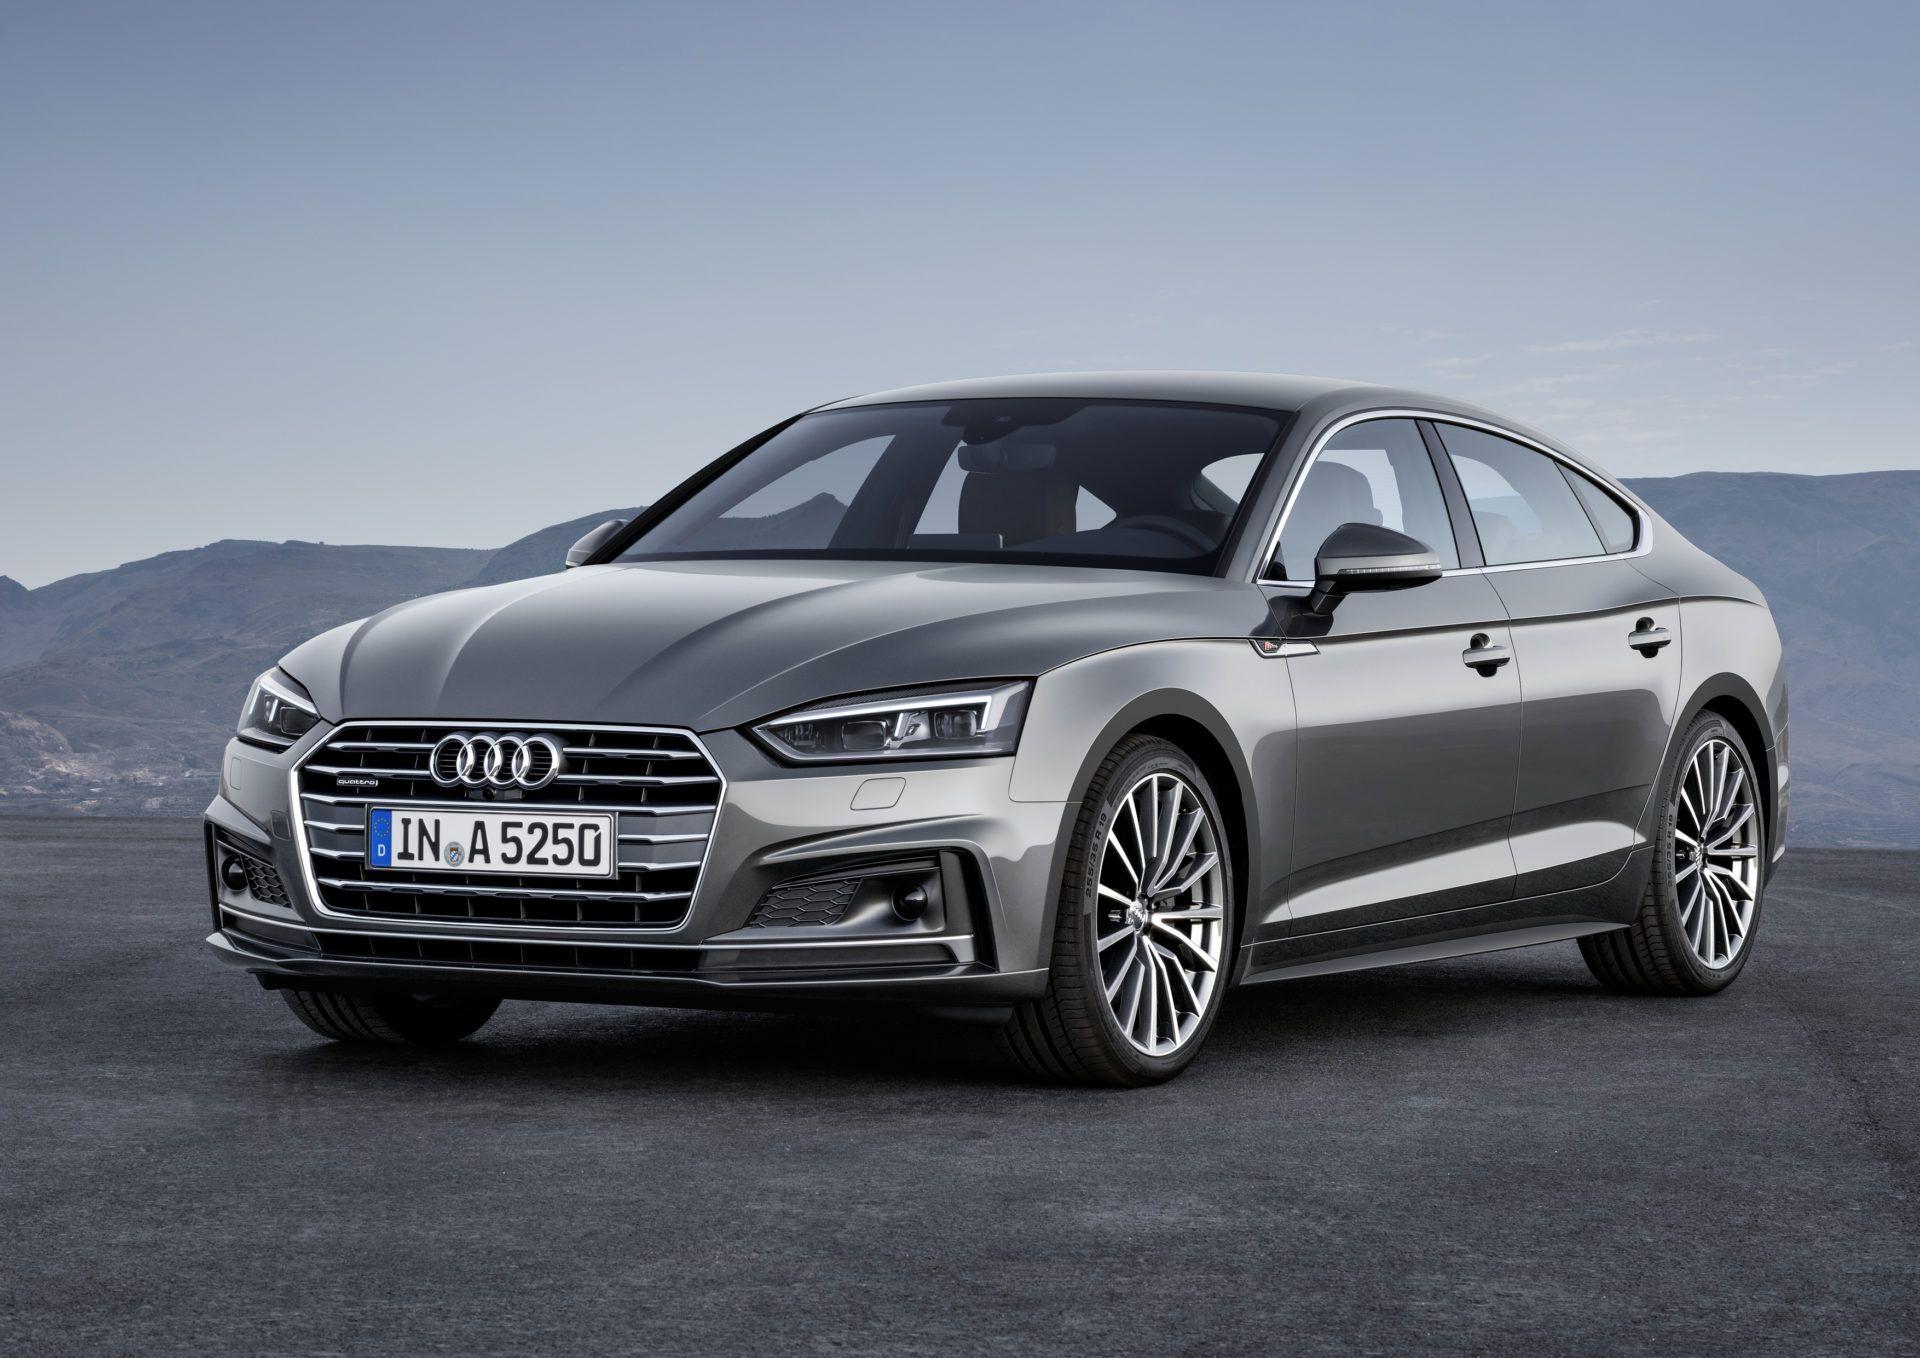 Video 2018 Audi A5 Sportback On Tflc Audi A5 Sportback Audi A5 Audi S5